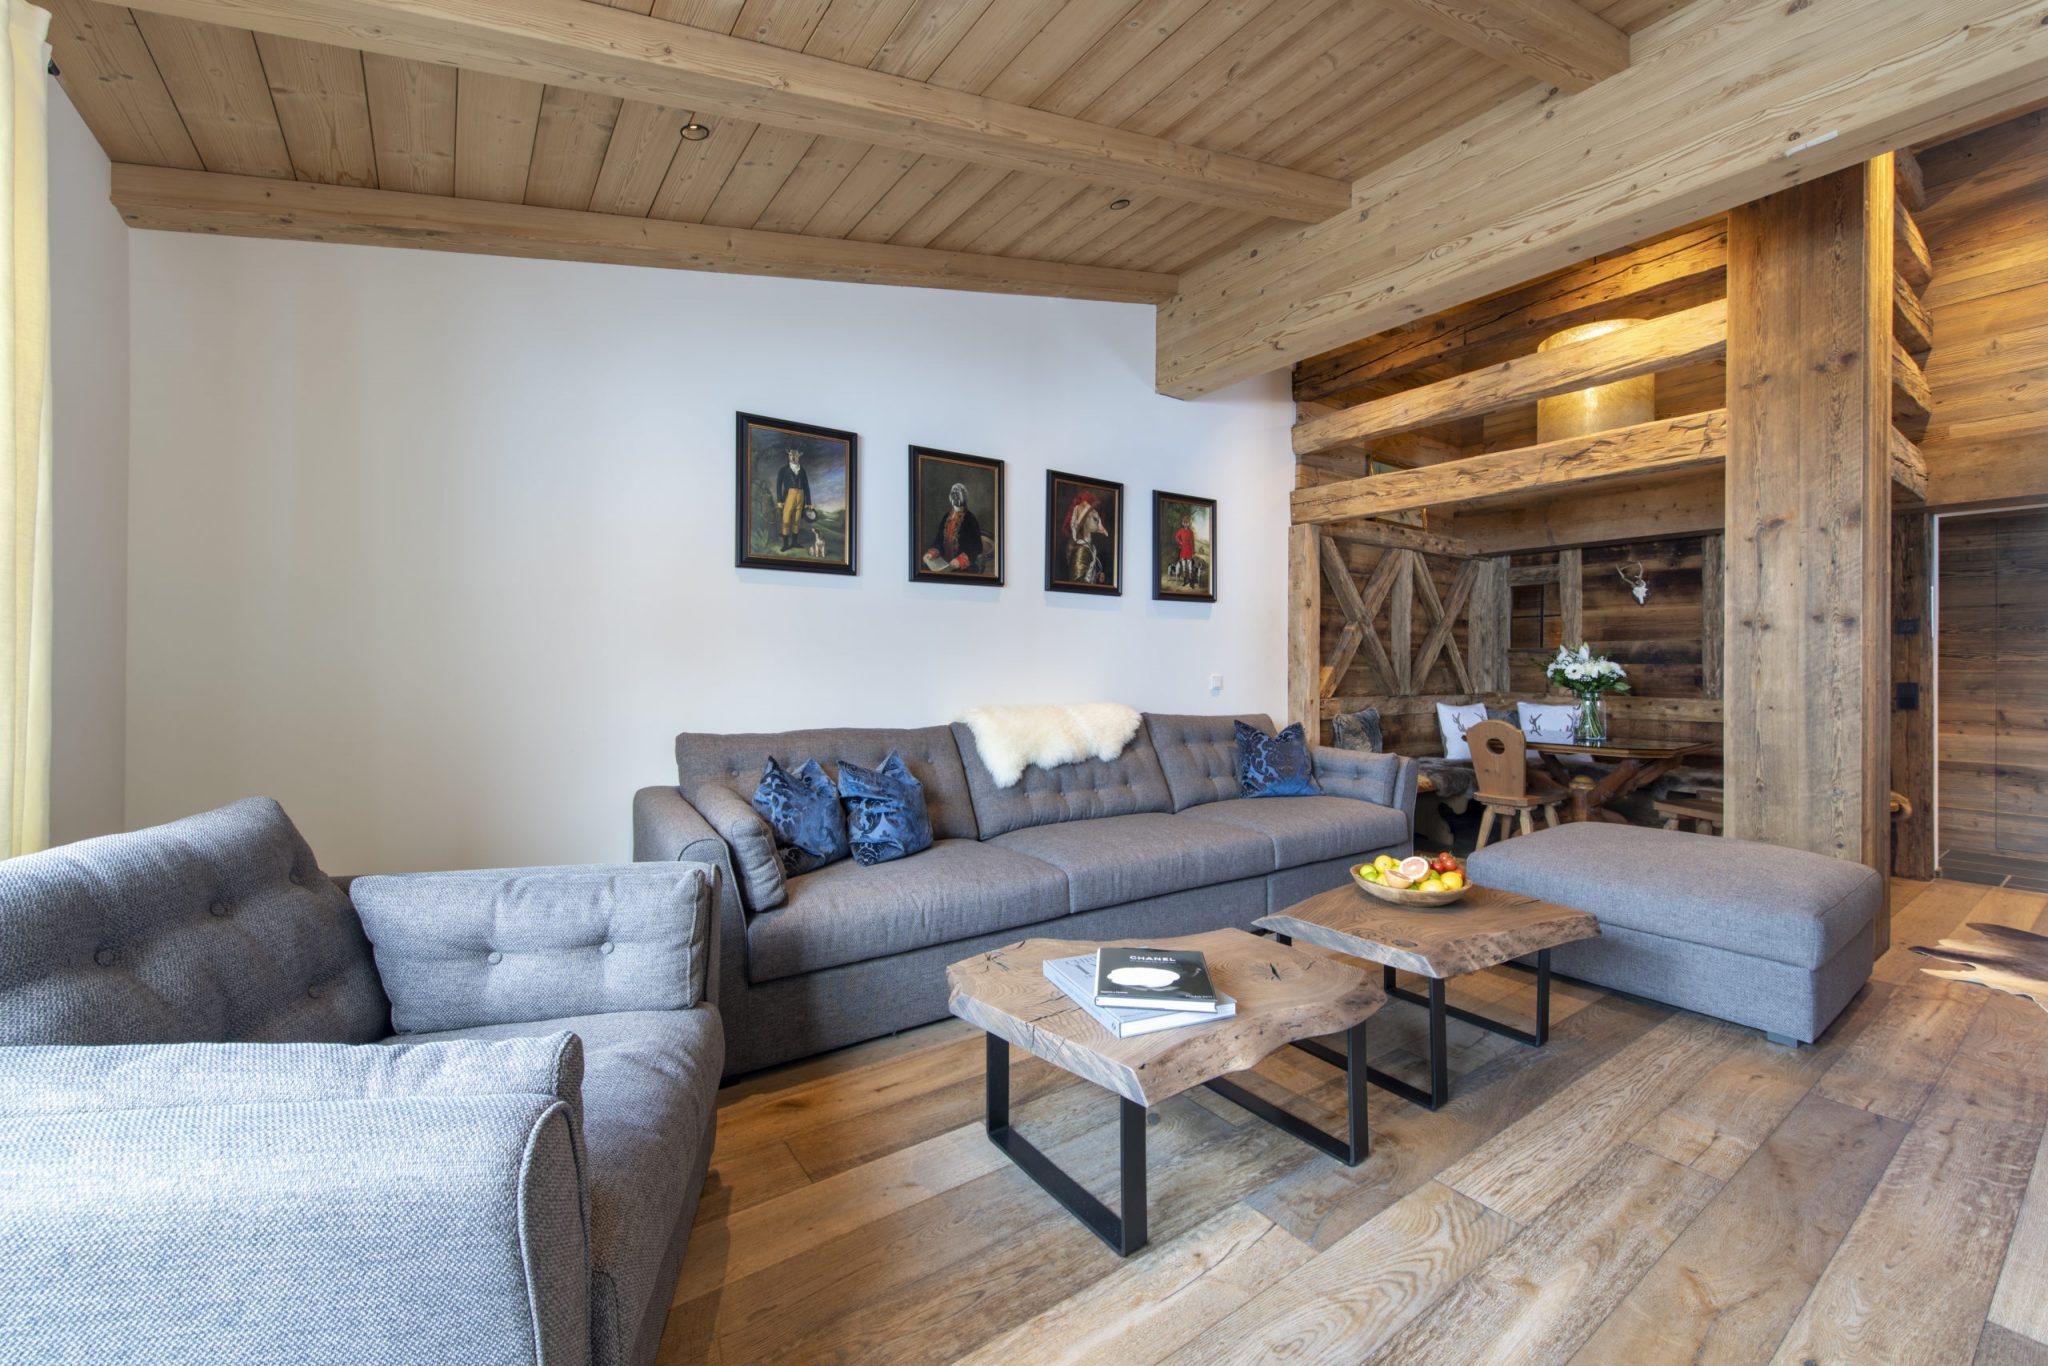 brunnenhof-11-11693-scaled